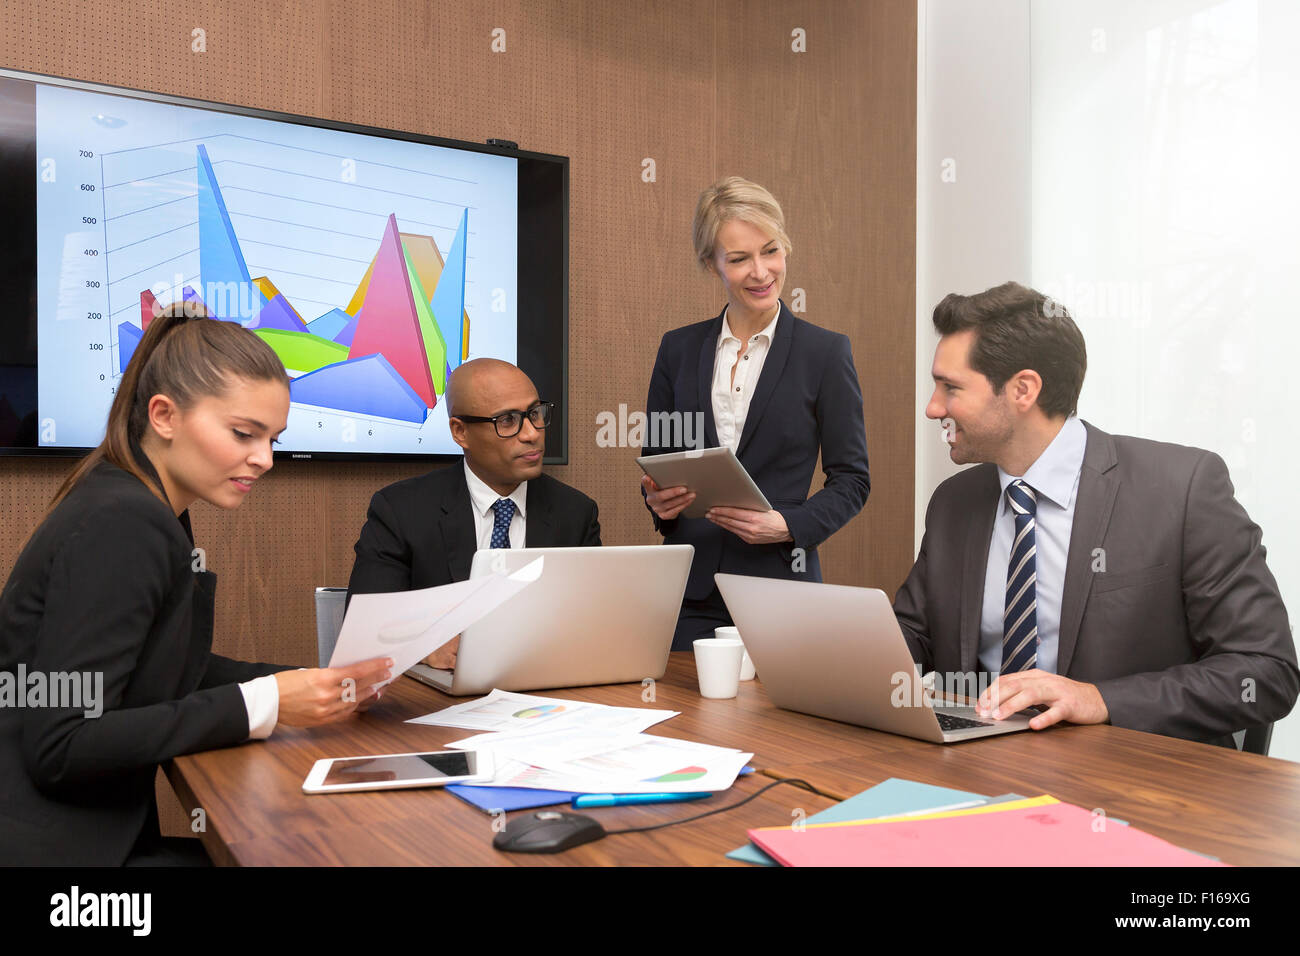 Les gens d'affaires réunion Photo Stock